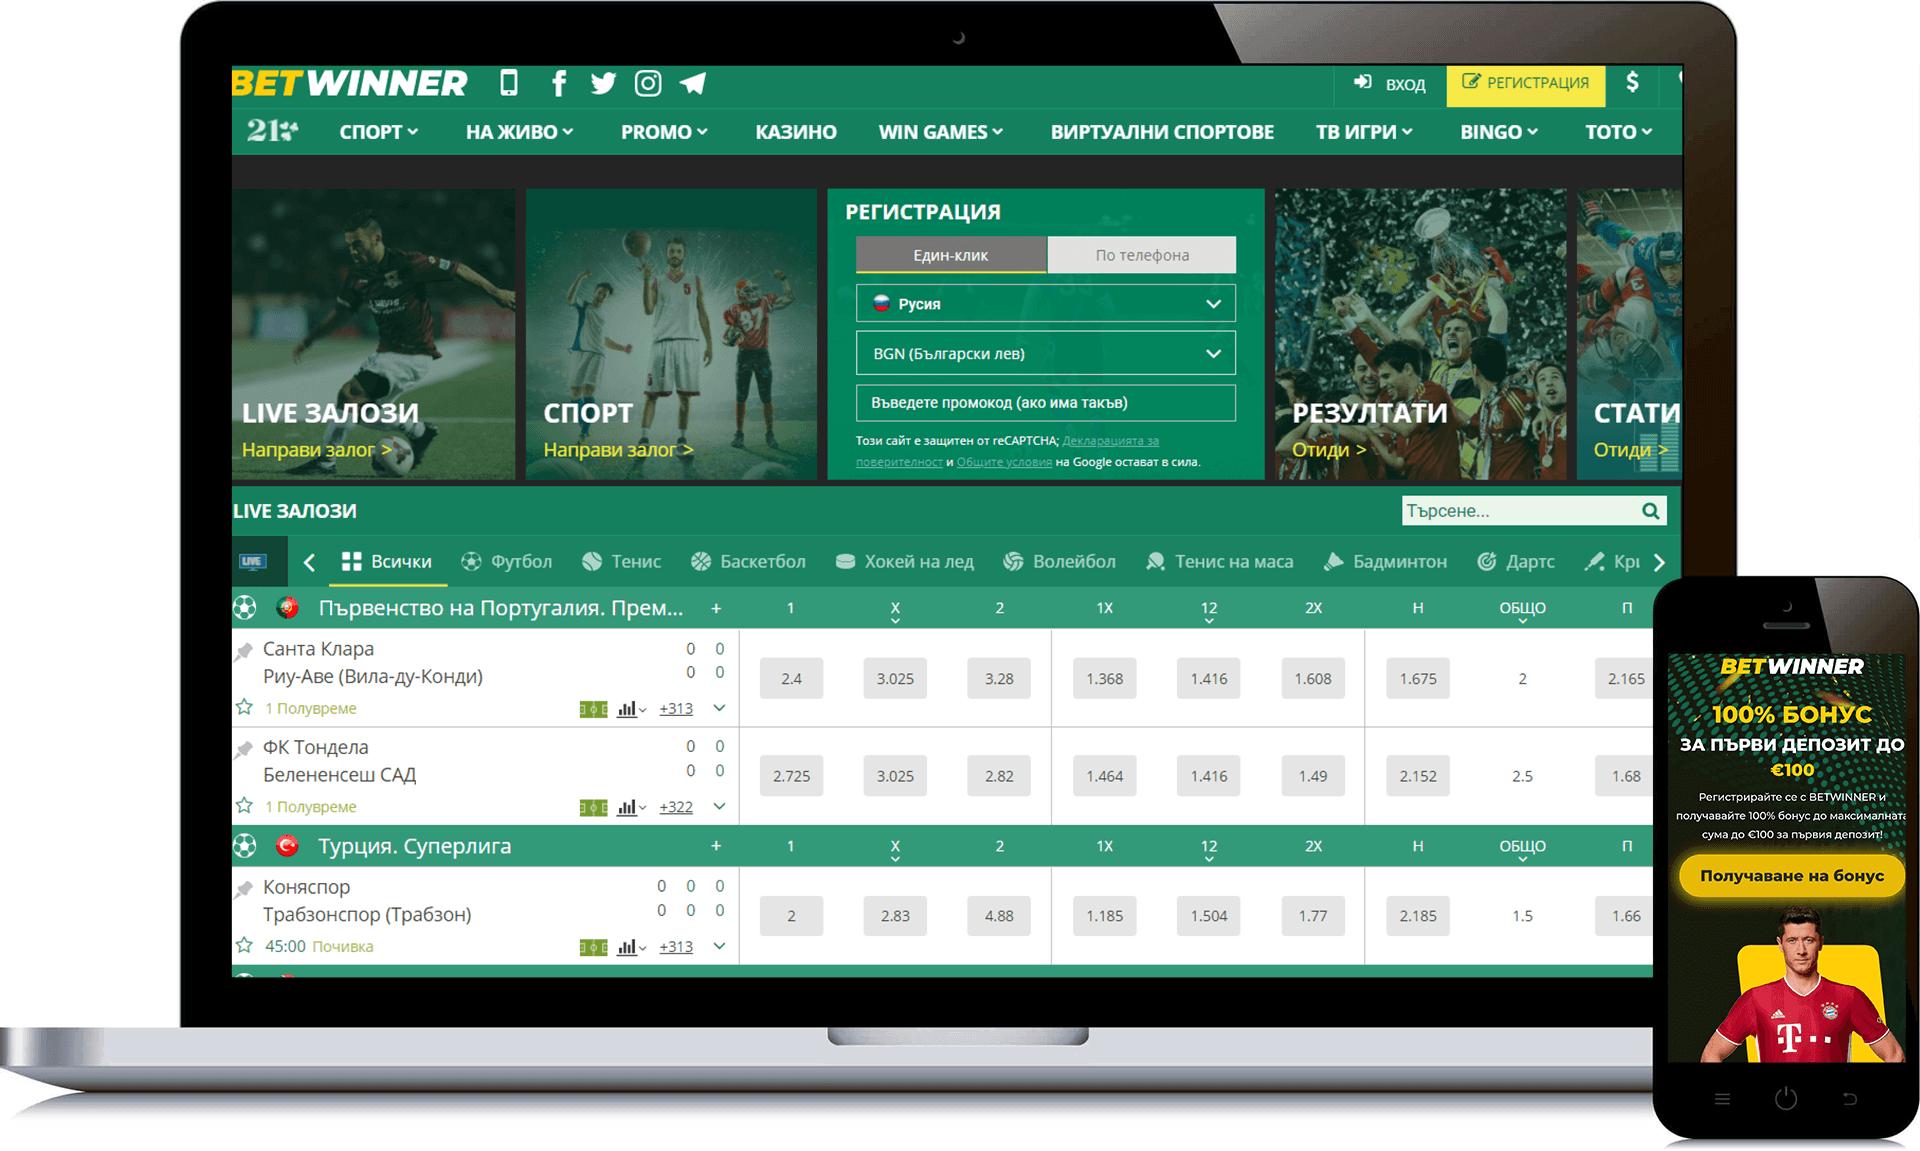 betwinner desktop i mobilen izgled-komarbet.com